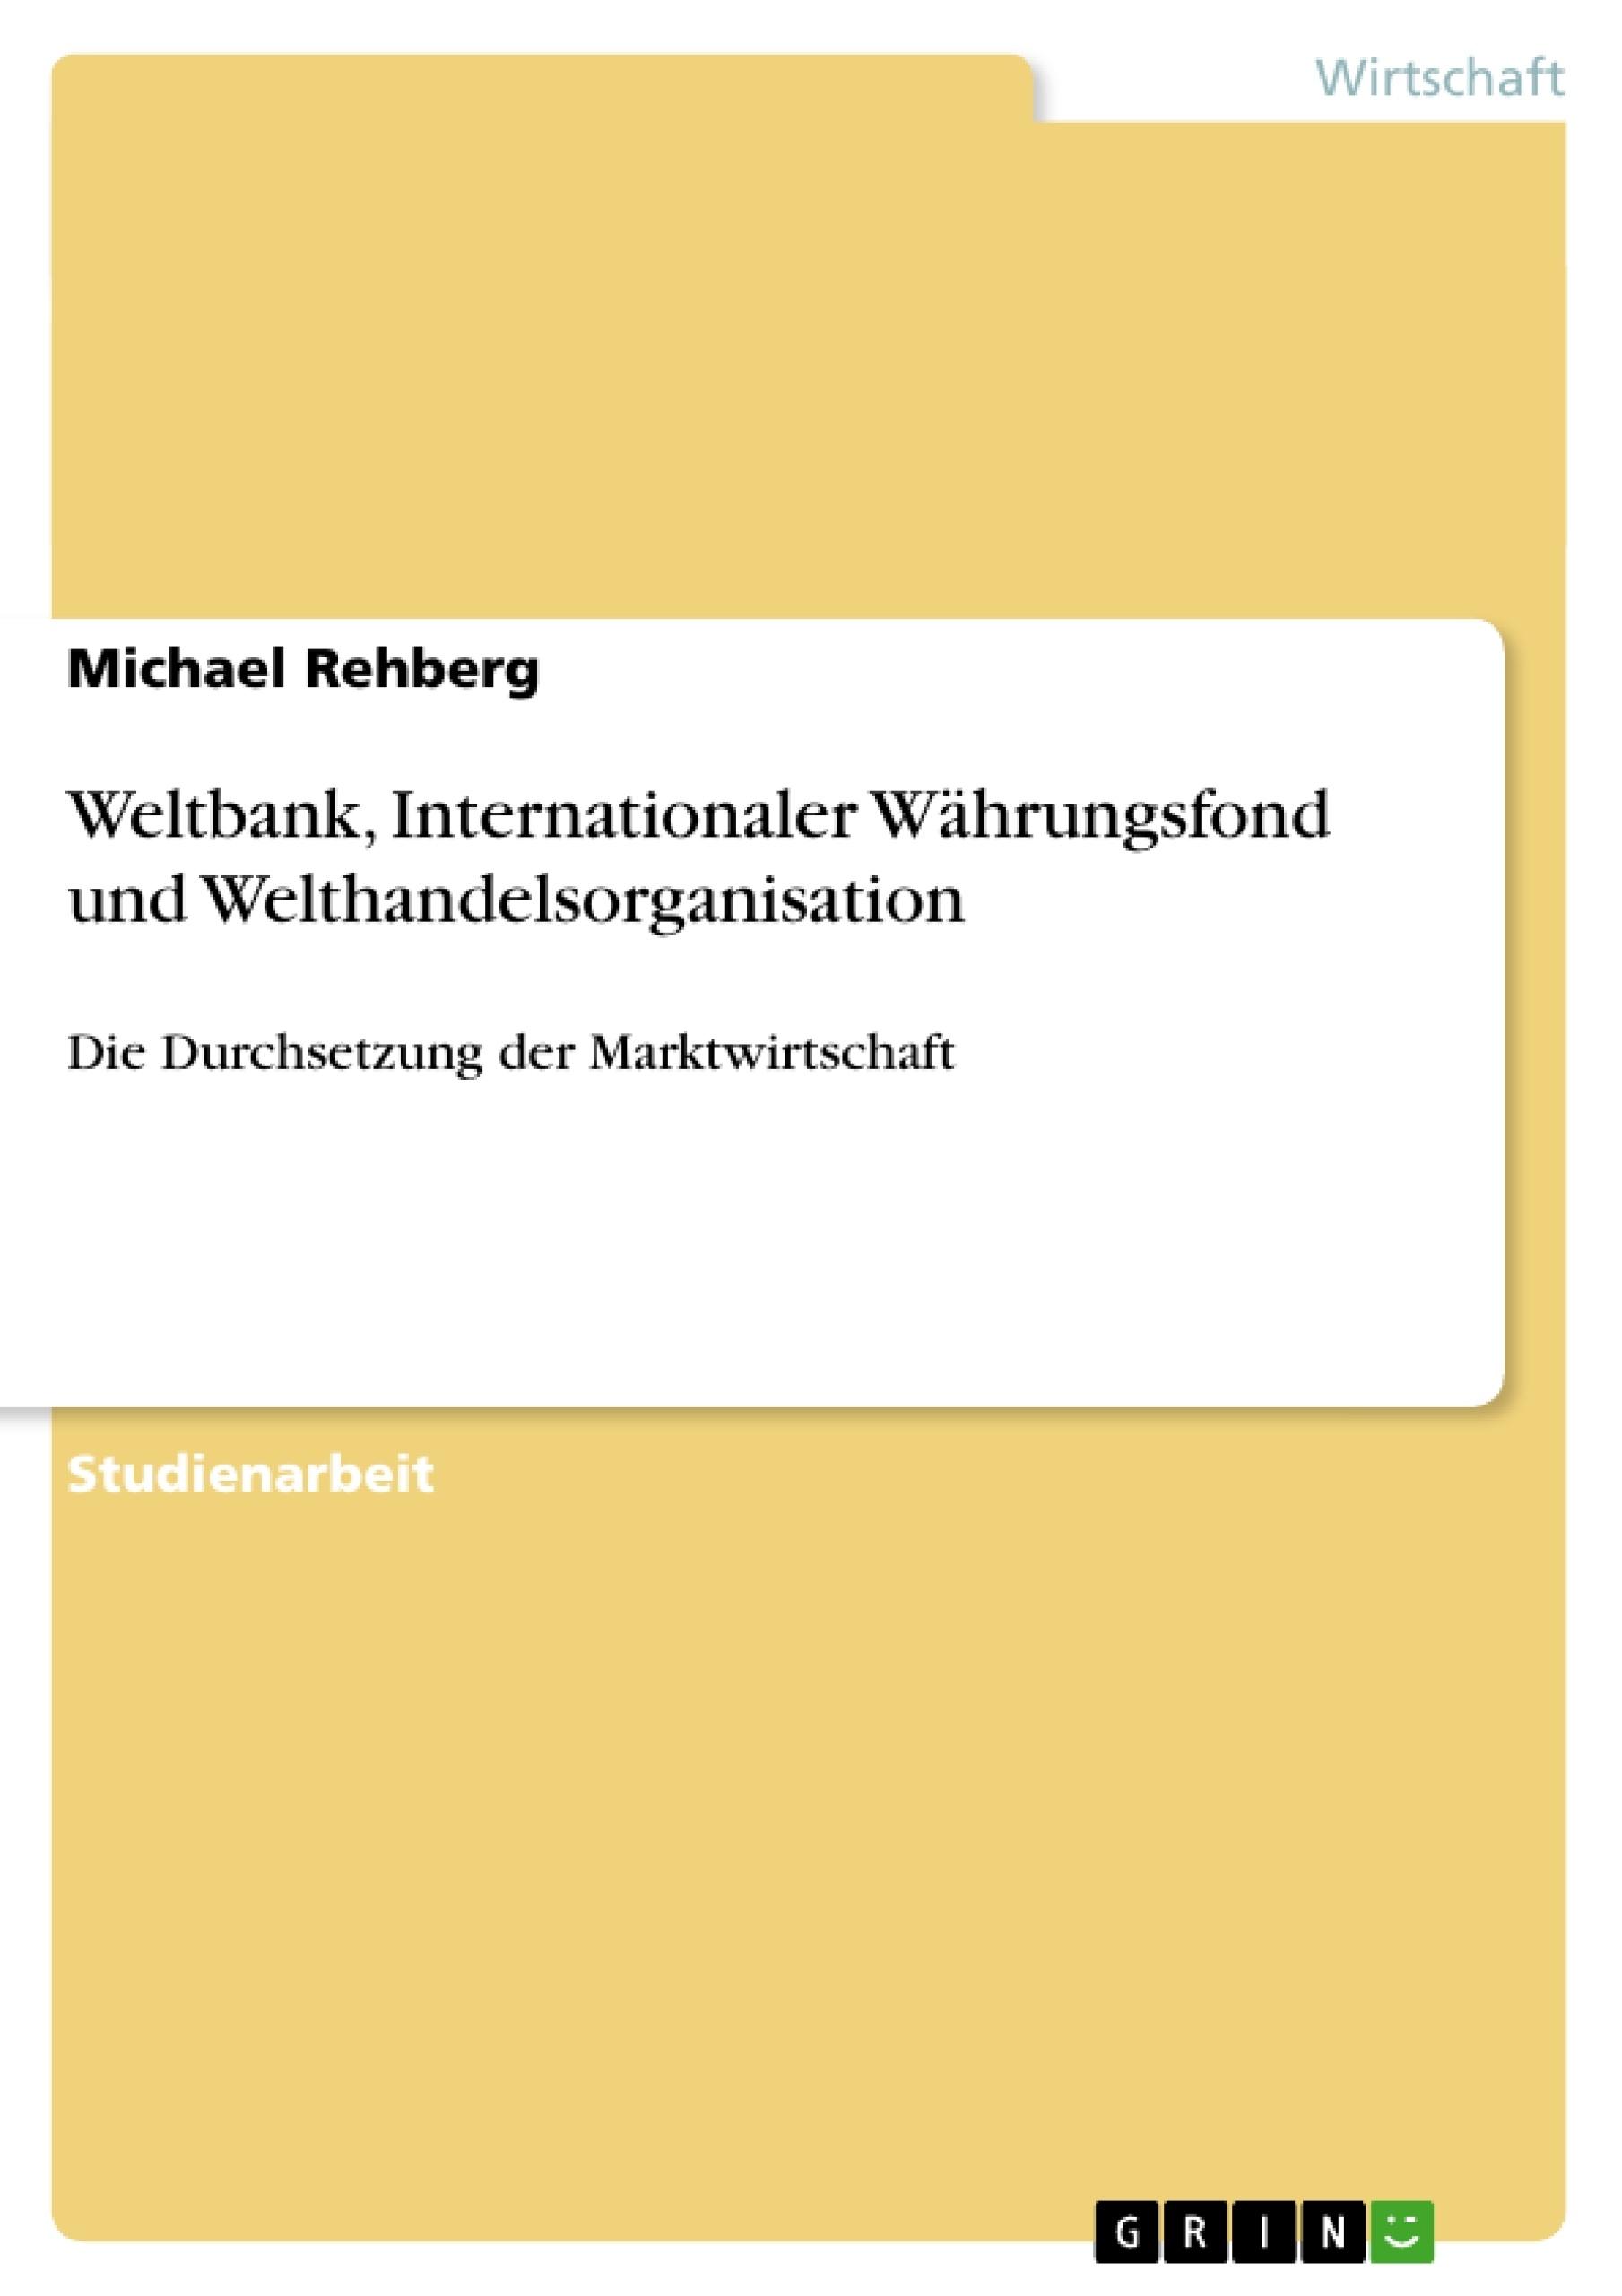 Titel: Weltbank, Internationaler Währungsfond und Welthandelsorganisation